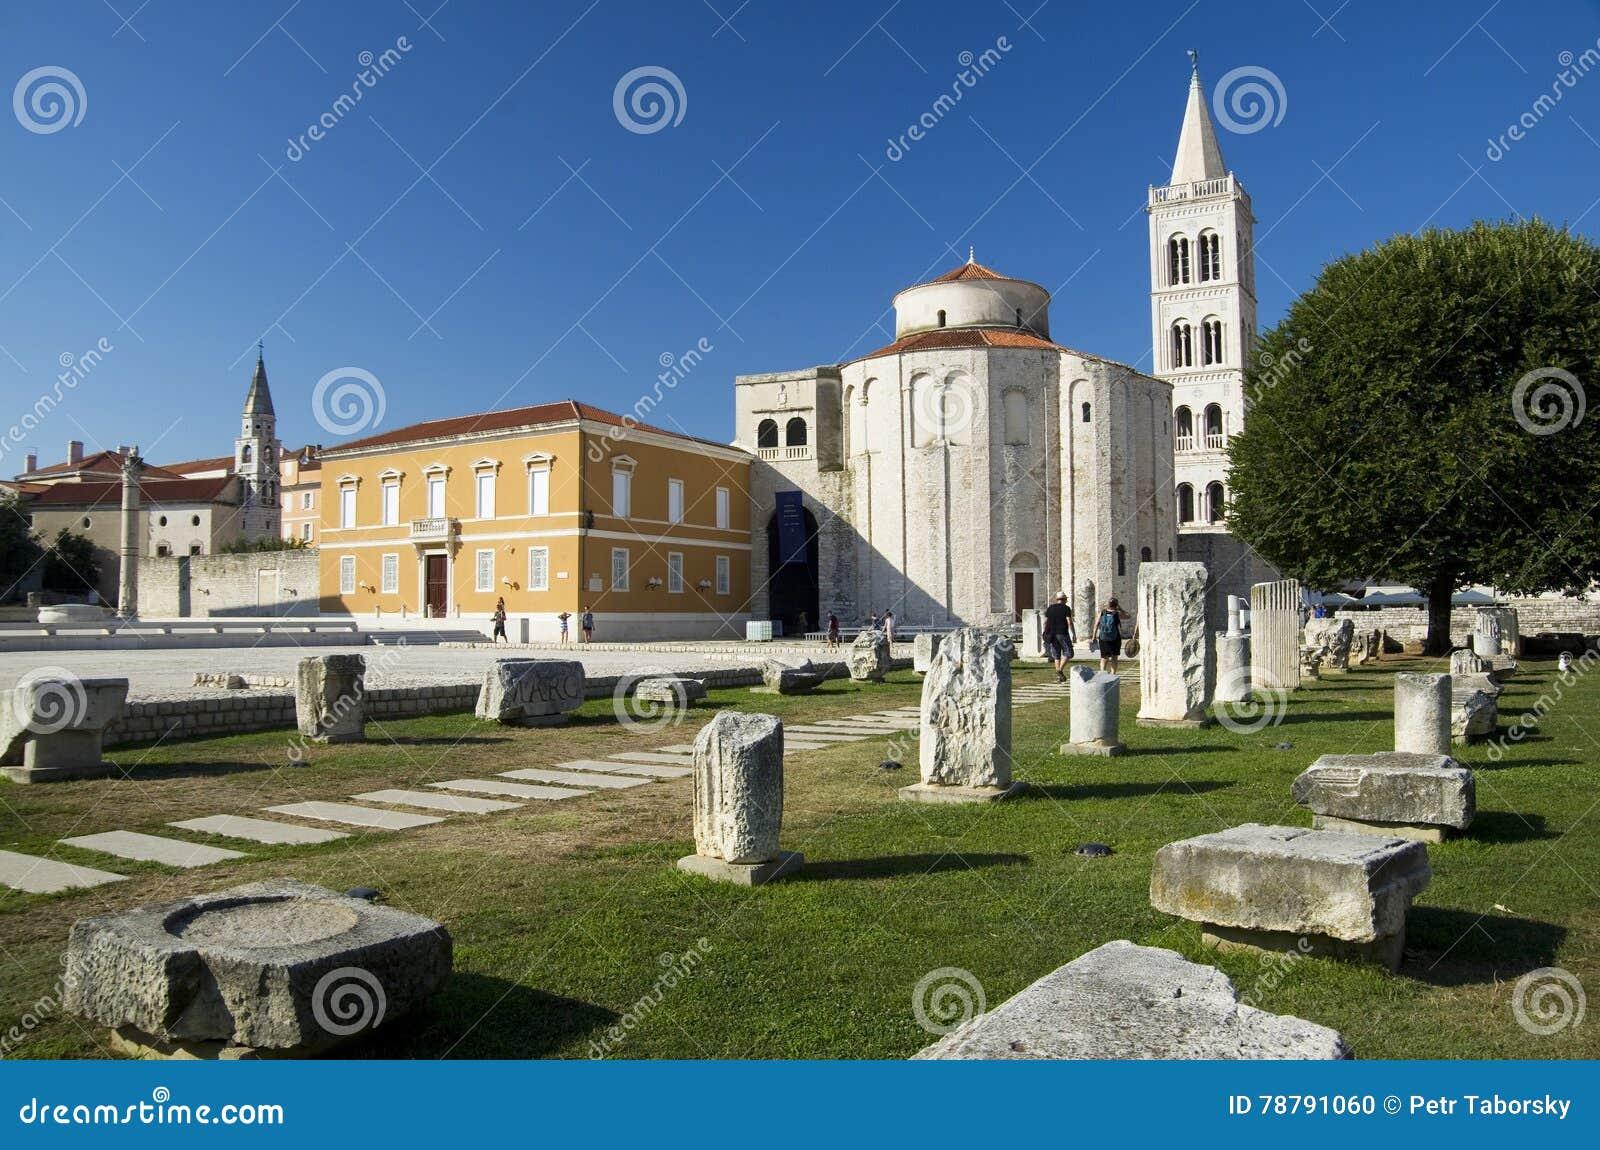 Kirche, Forum und Kathedrale St. Donat des Glockenturms St. Anastasia in Zadar, Kroatien